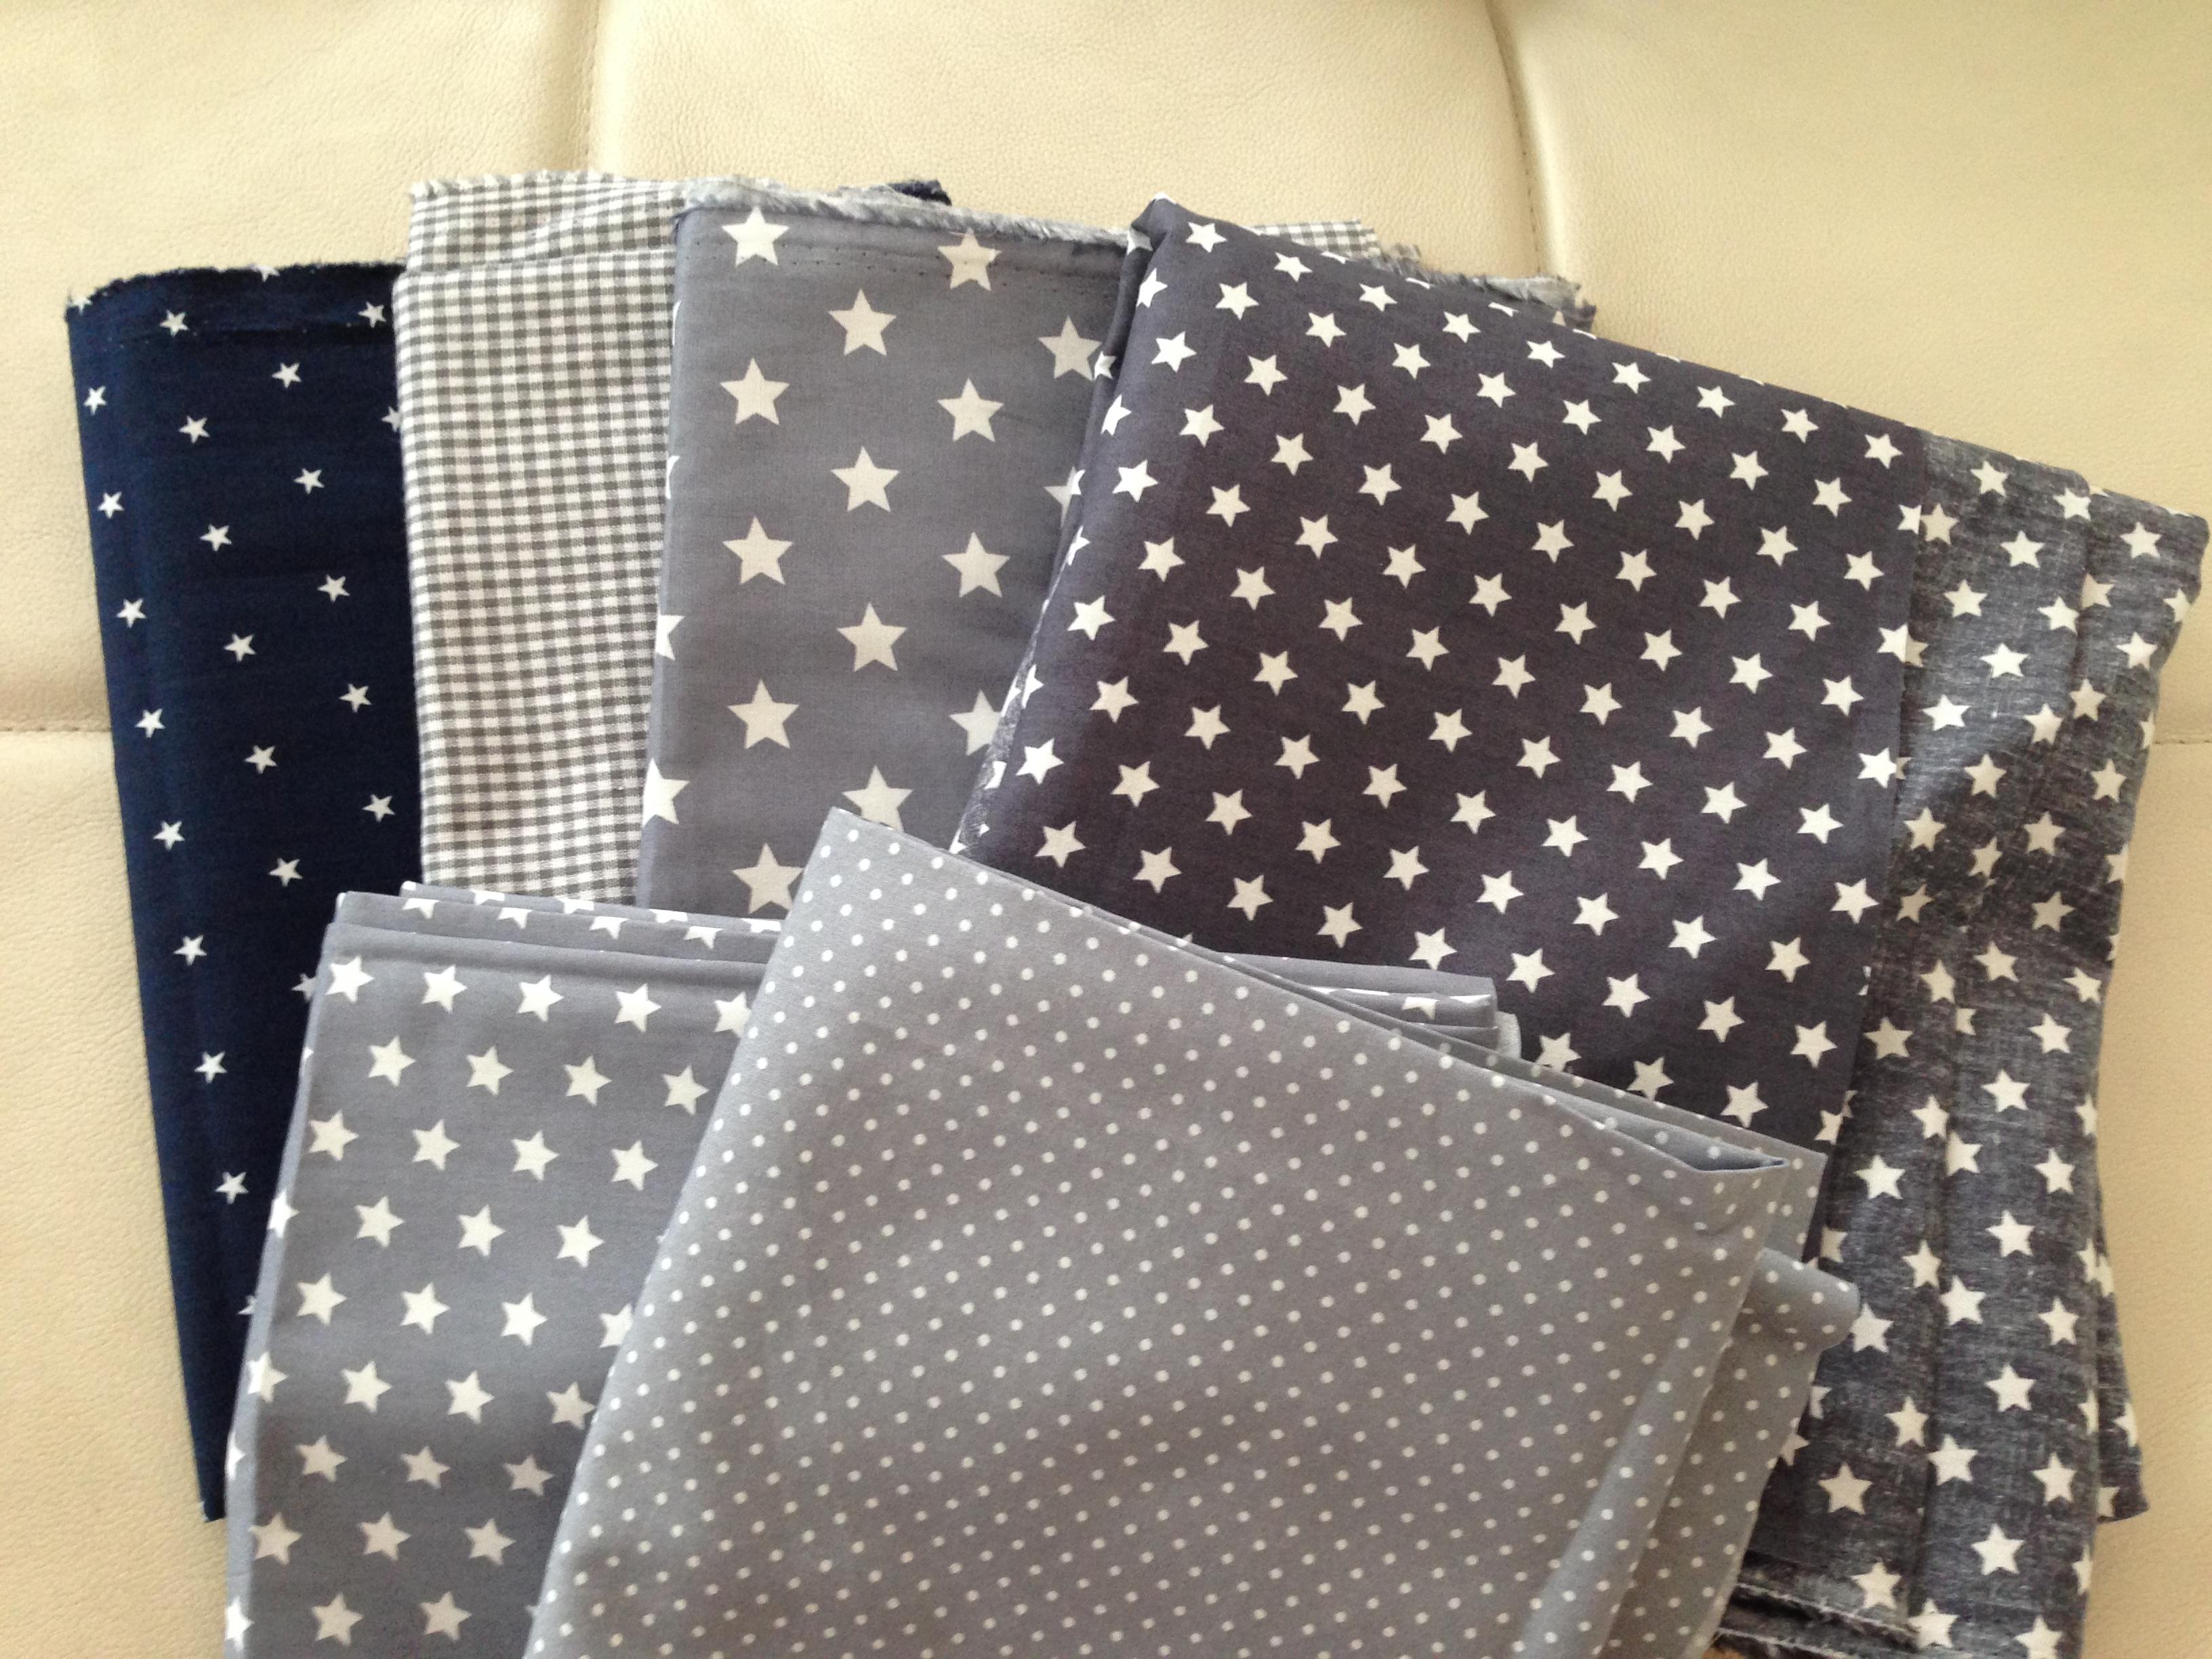 patchwork decke - baumann-accessories, Moderne deko